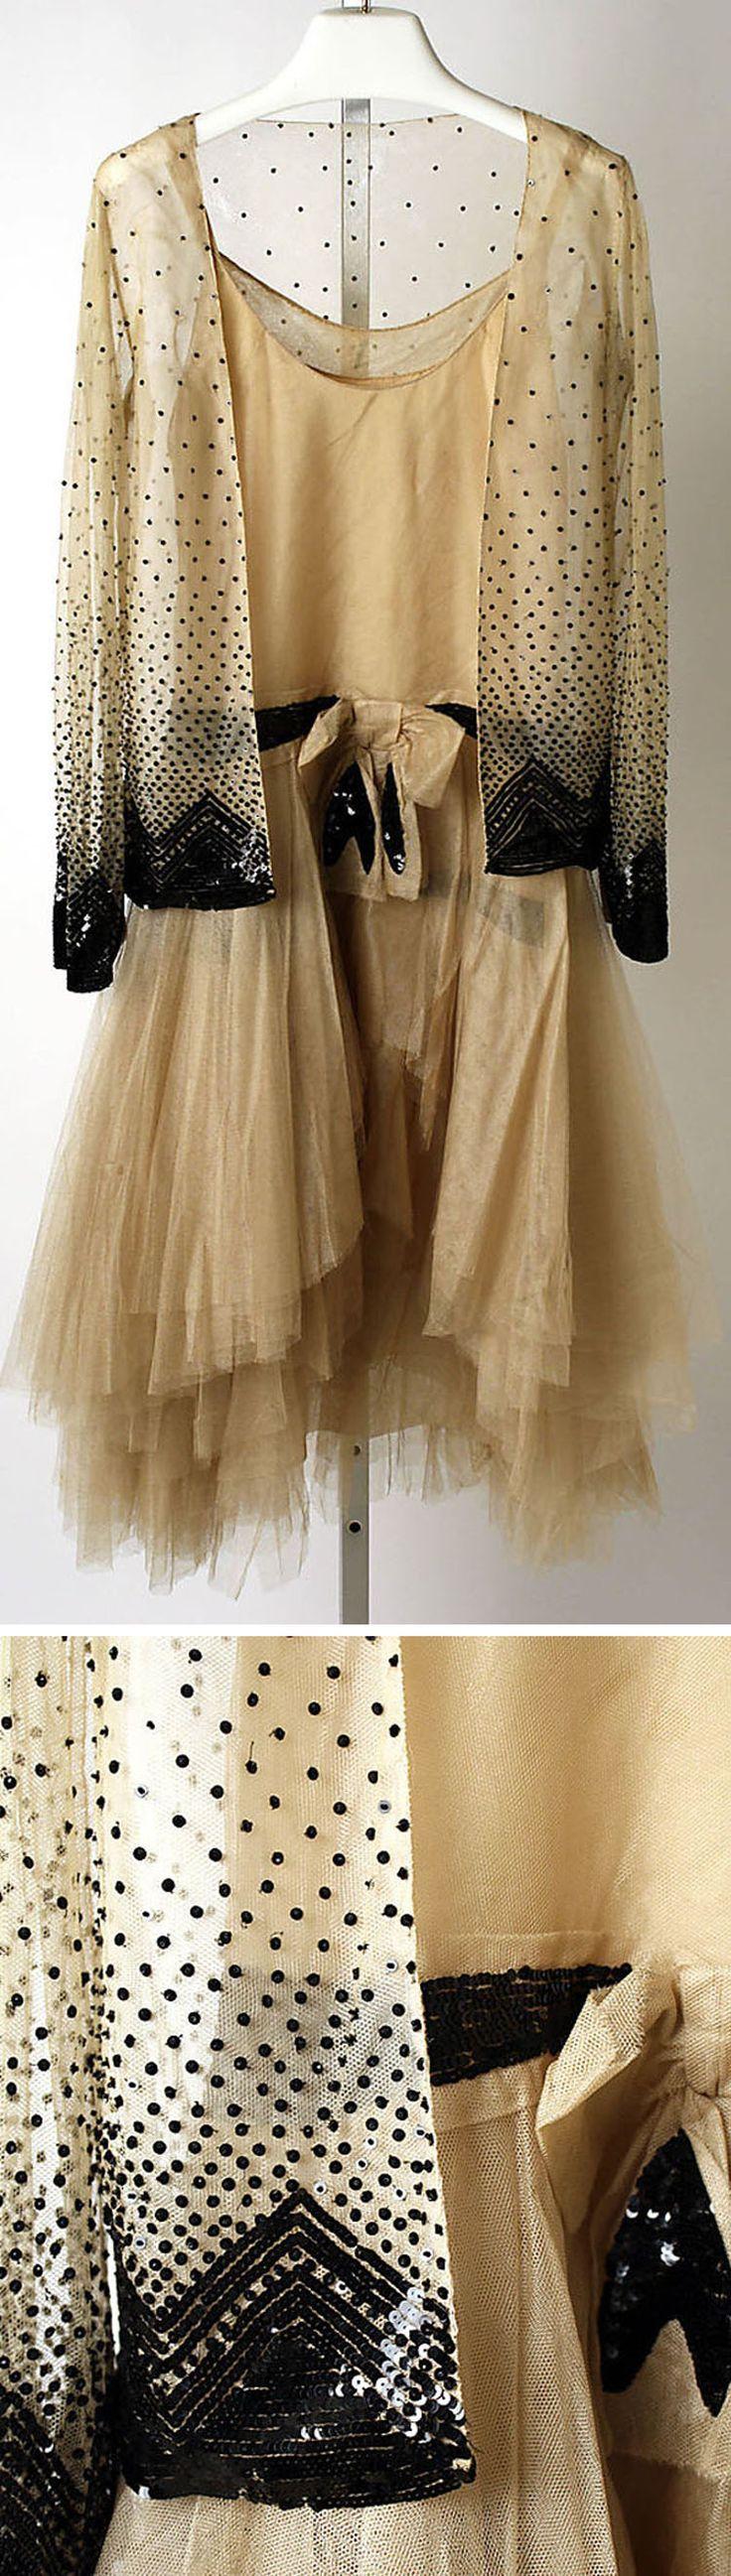 best us images on pinterest vintage fashion vintage